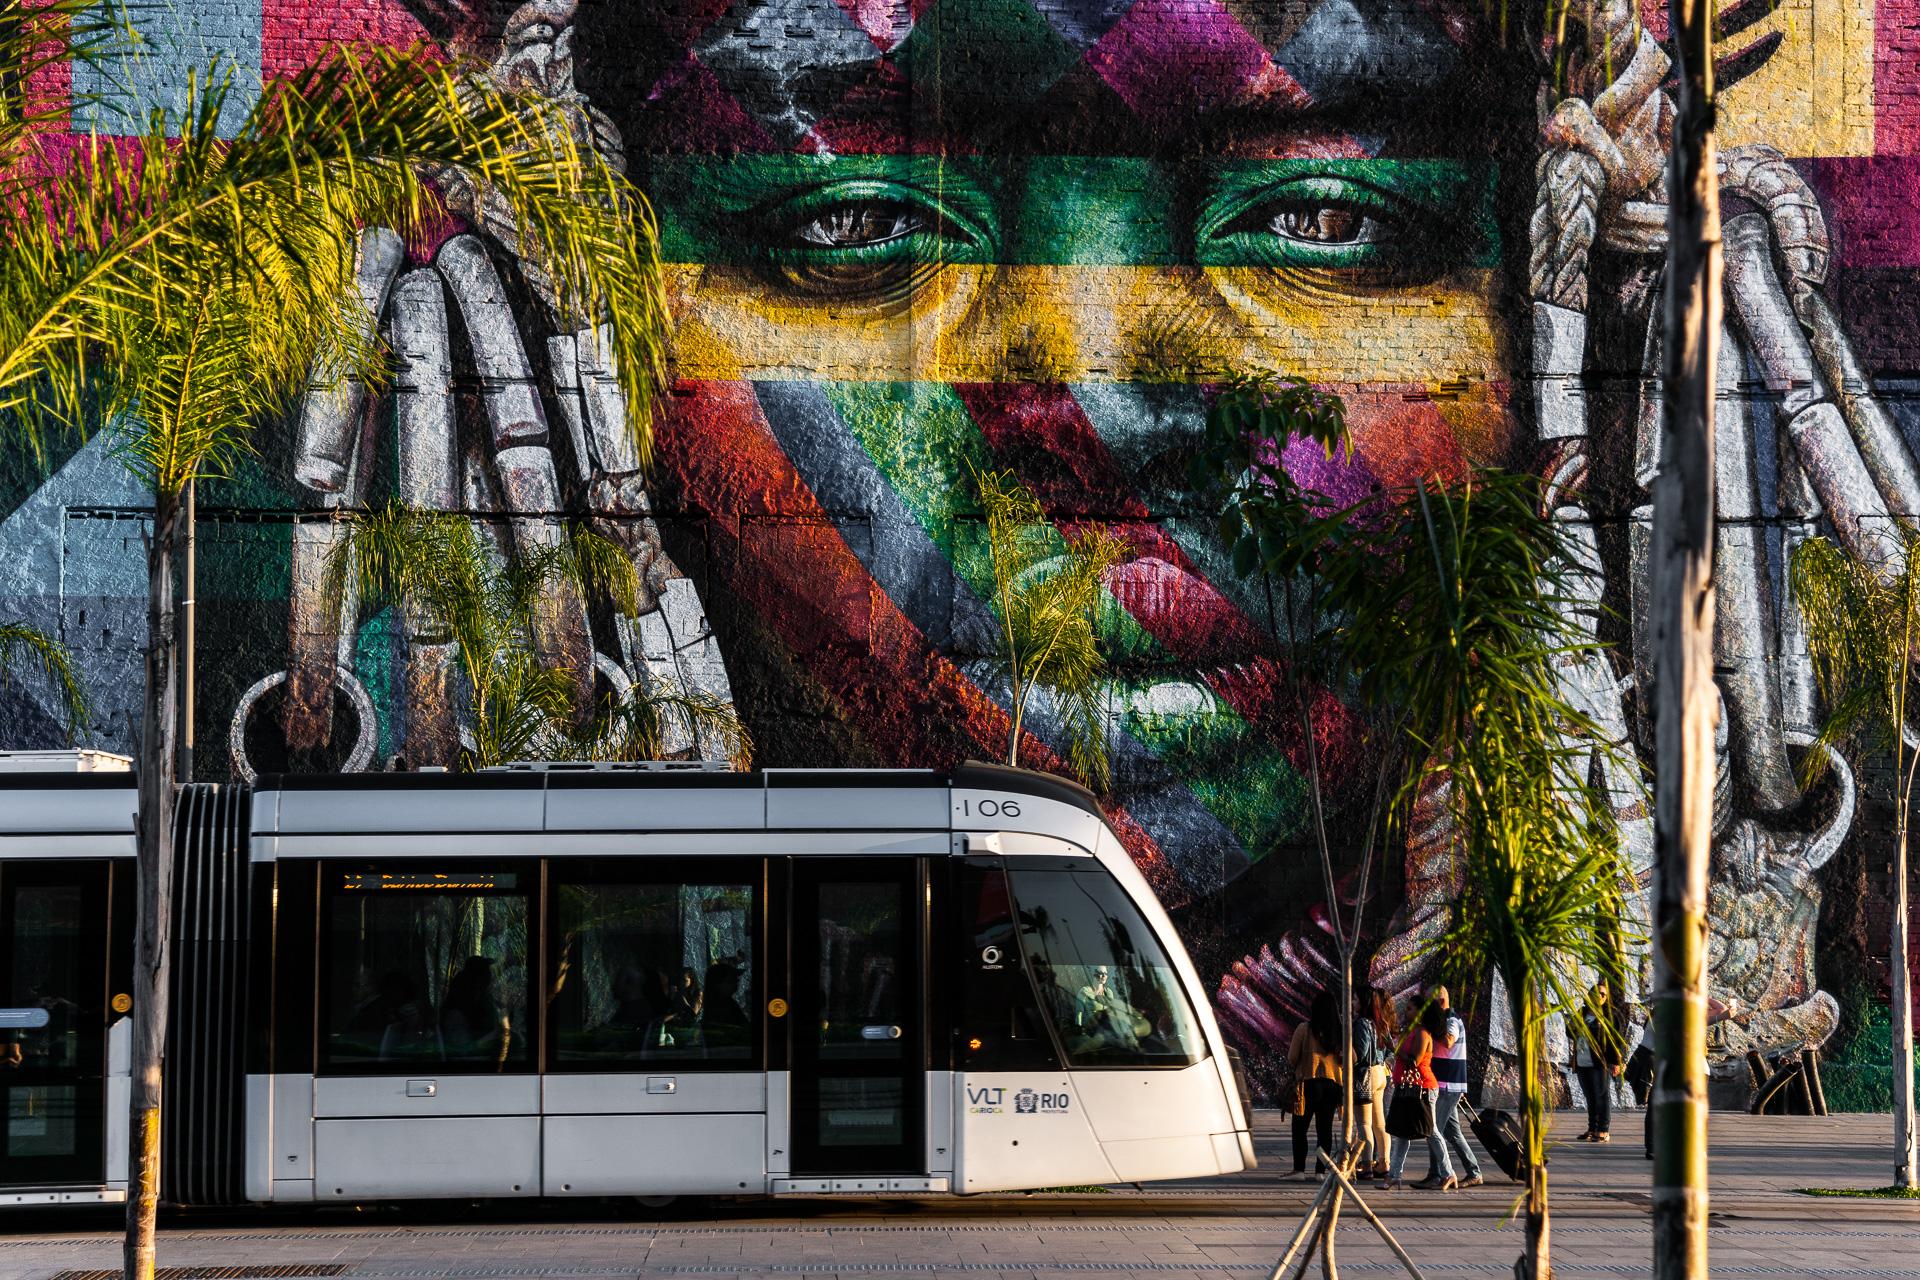 20/07/2017_VLT.Rio Operação Estação: Paradas dos Navios. Rio